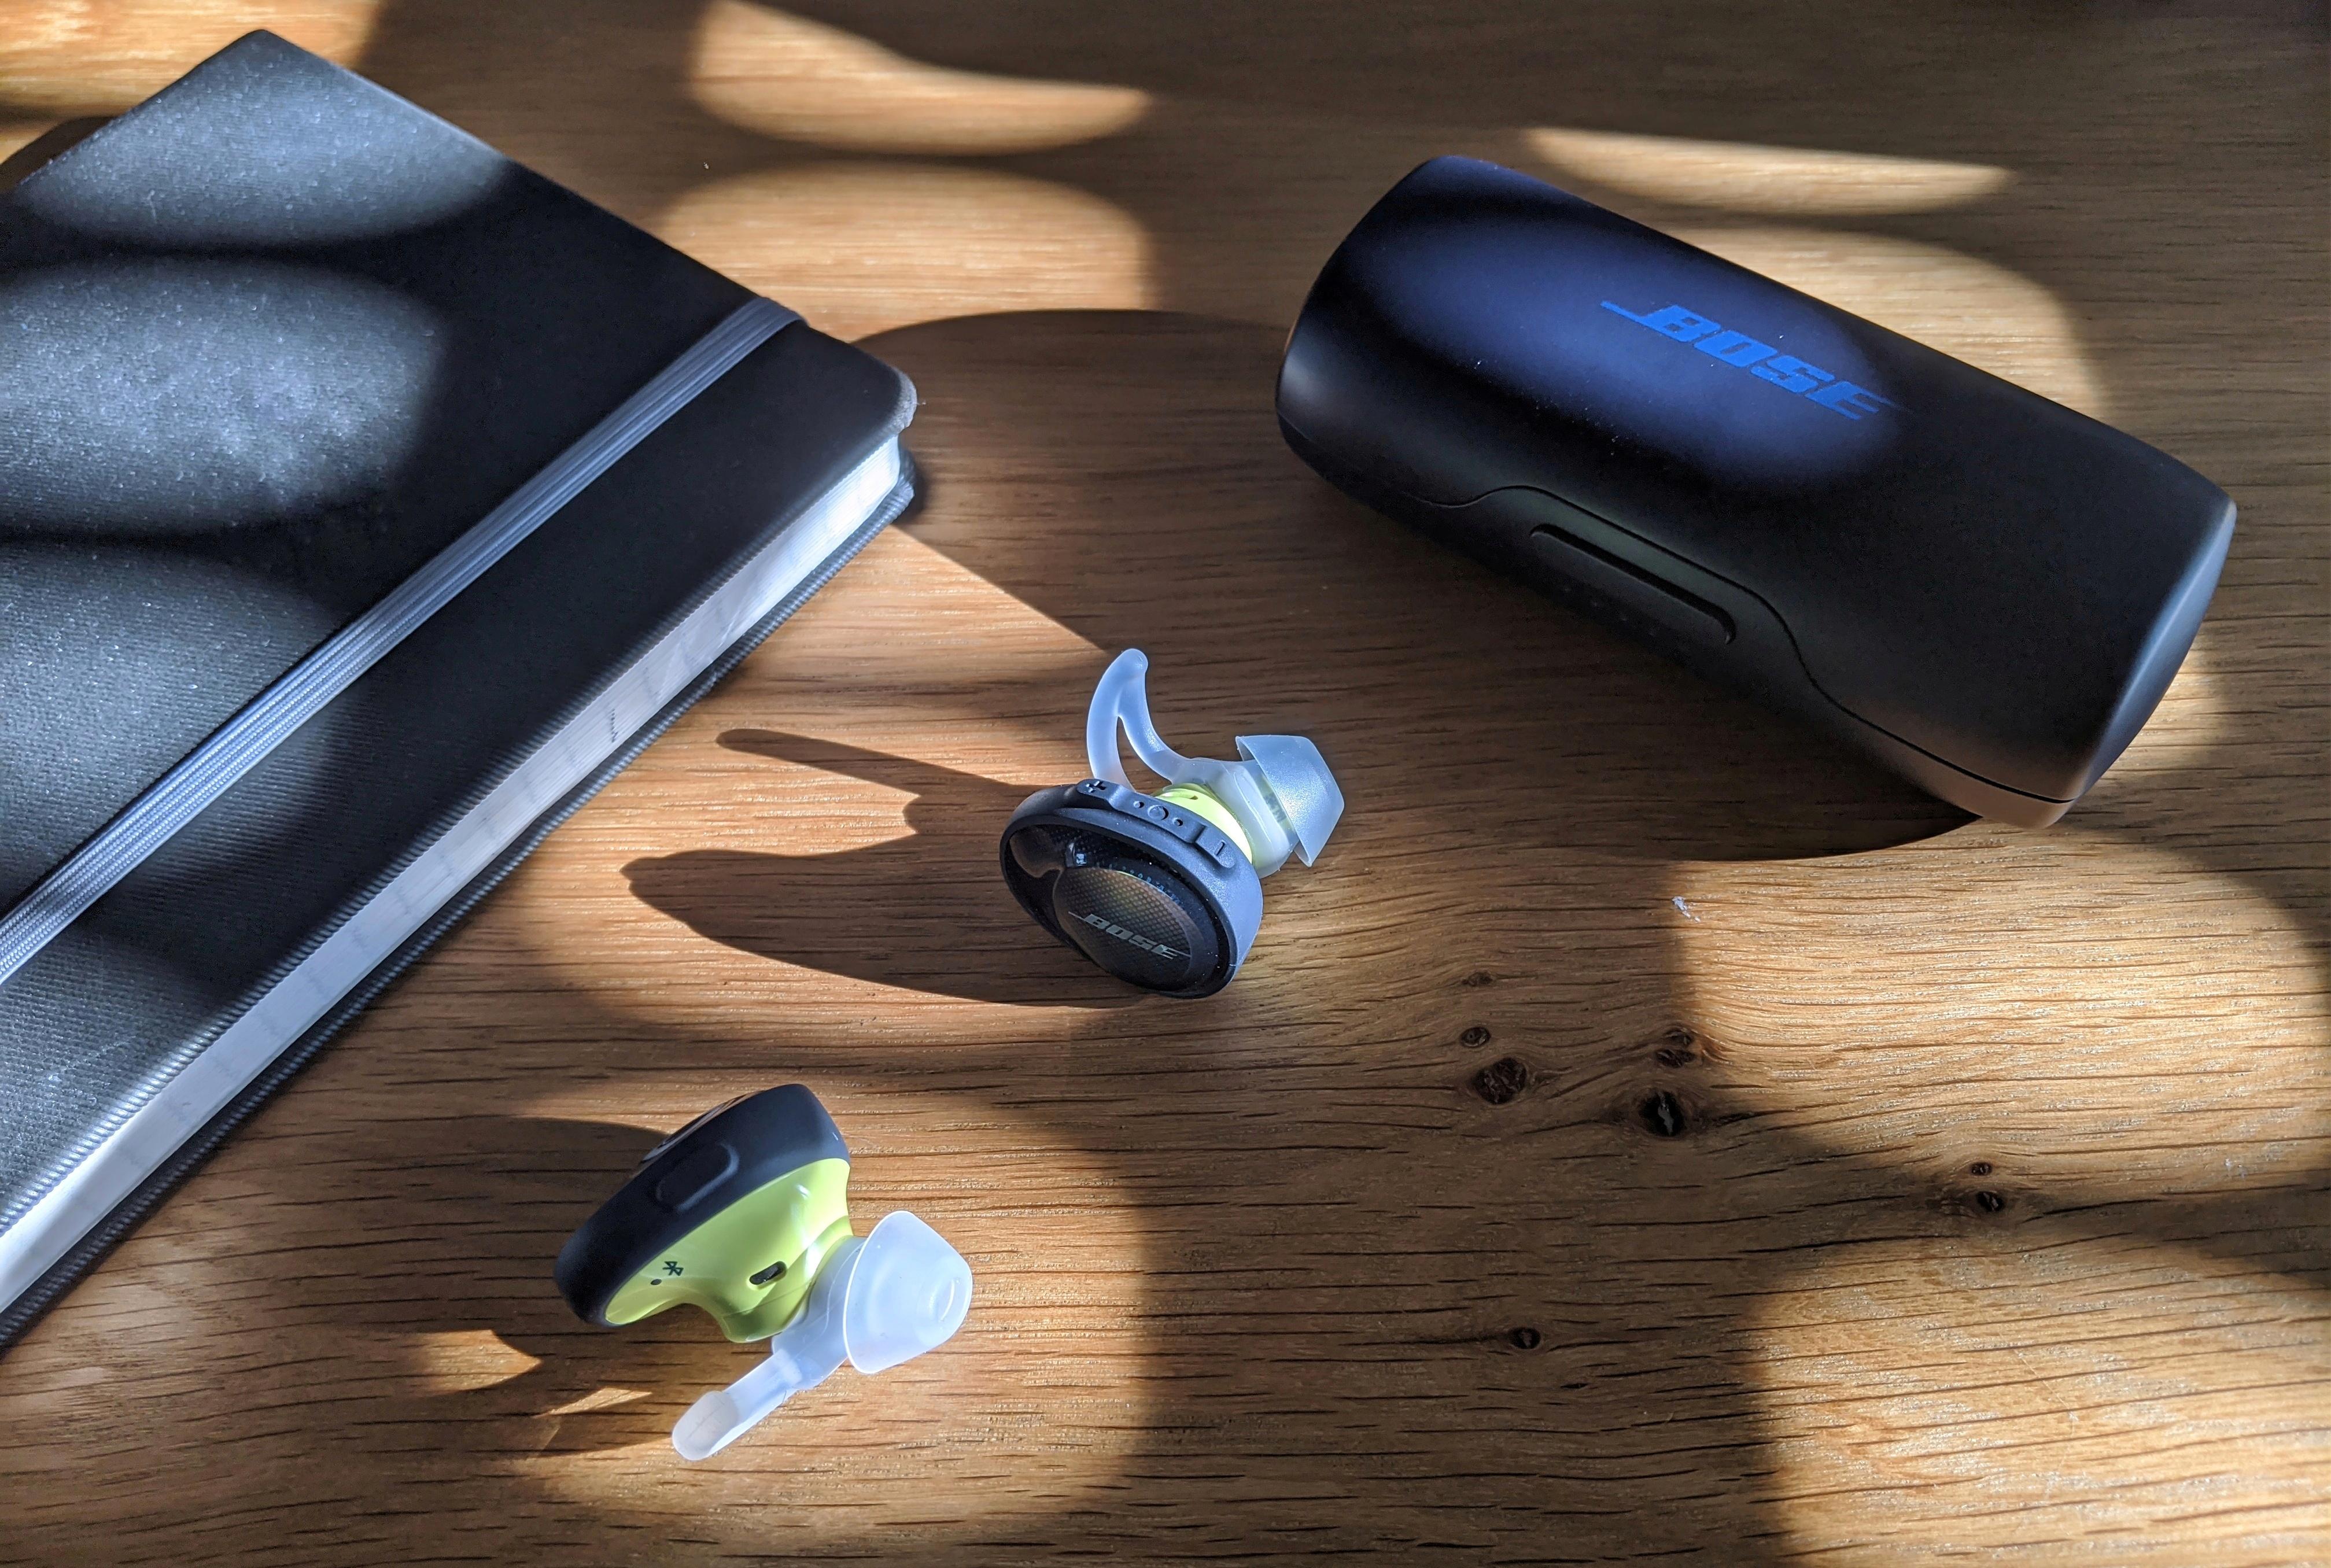 Téléphone Farce Blague iPhone 6 S Toy faux Choc électrique surprises drôle moments